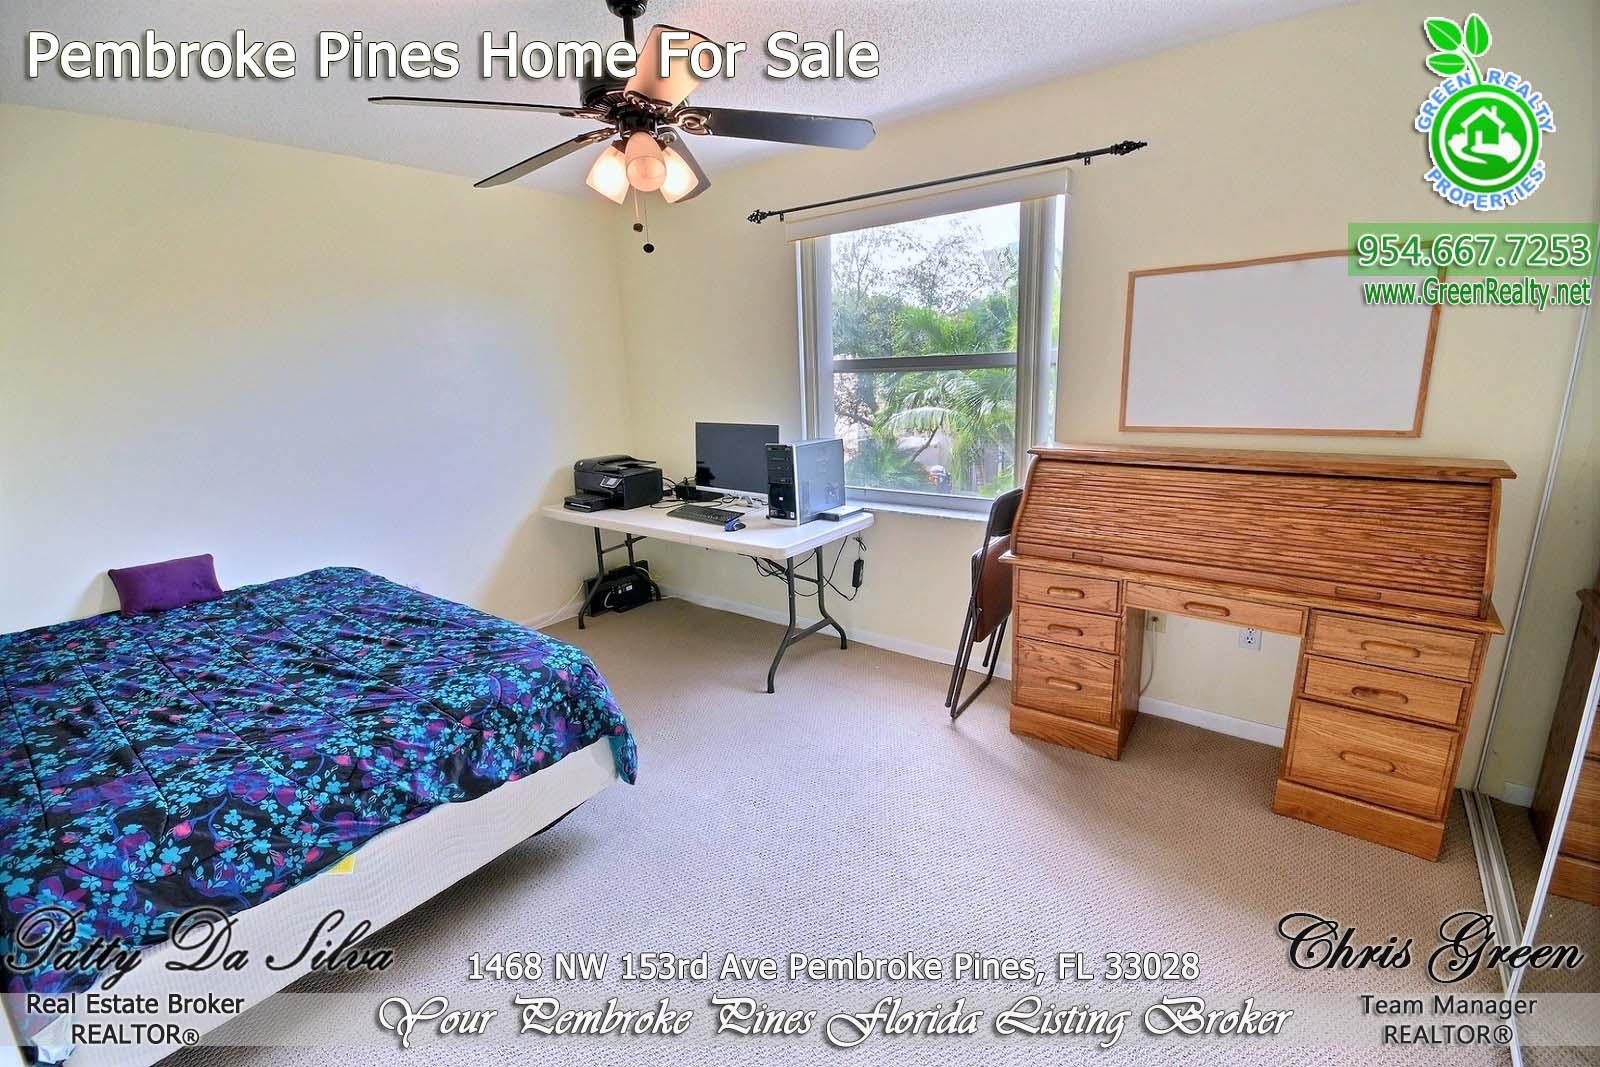 22 Patty Da SIlva SELLS Pembroke Pines Homes (1)